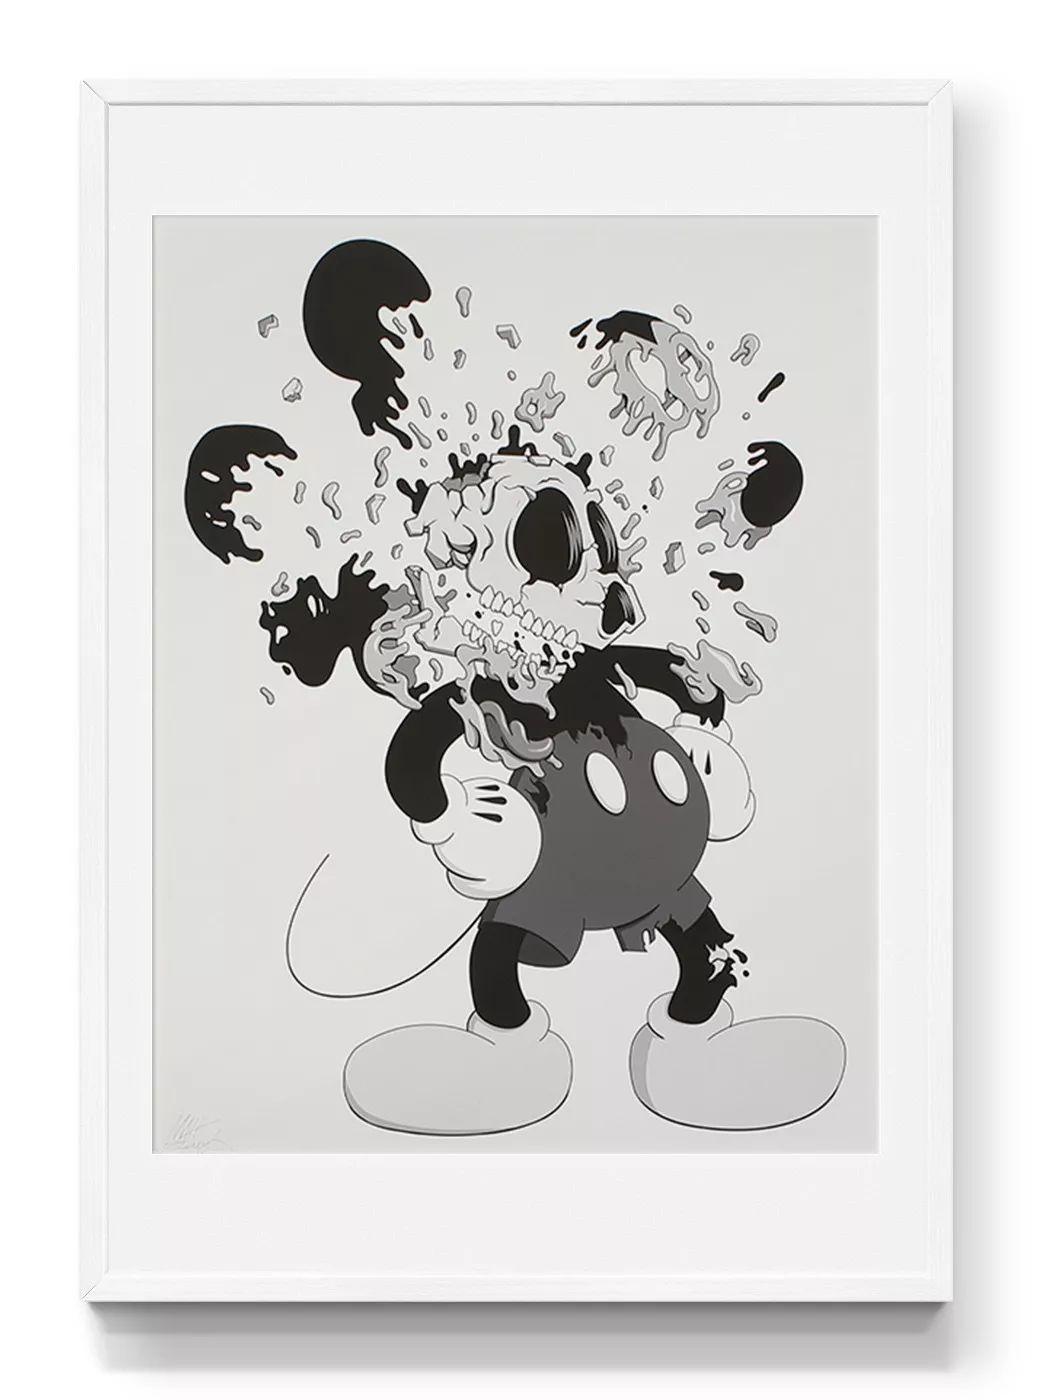 德庆龙�yn�yo:a�yn����y�'_yo!gallery matt gondek 系列限量签名版画,即将登陆